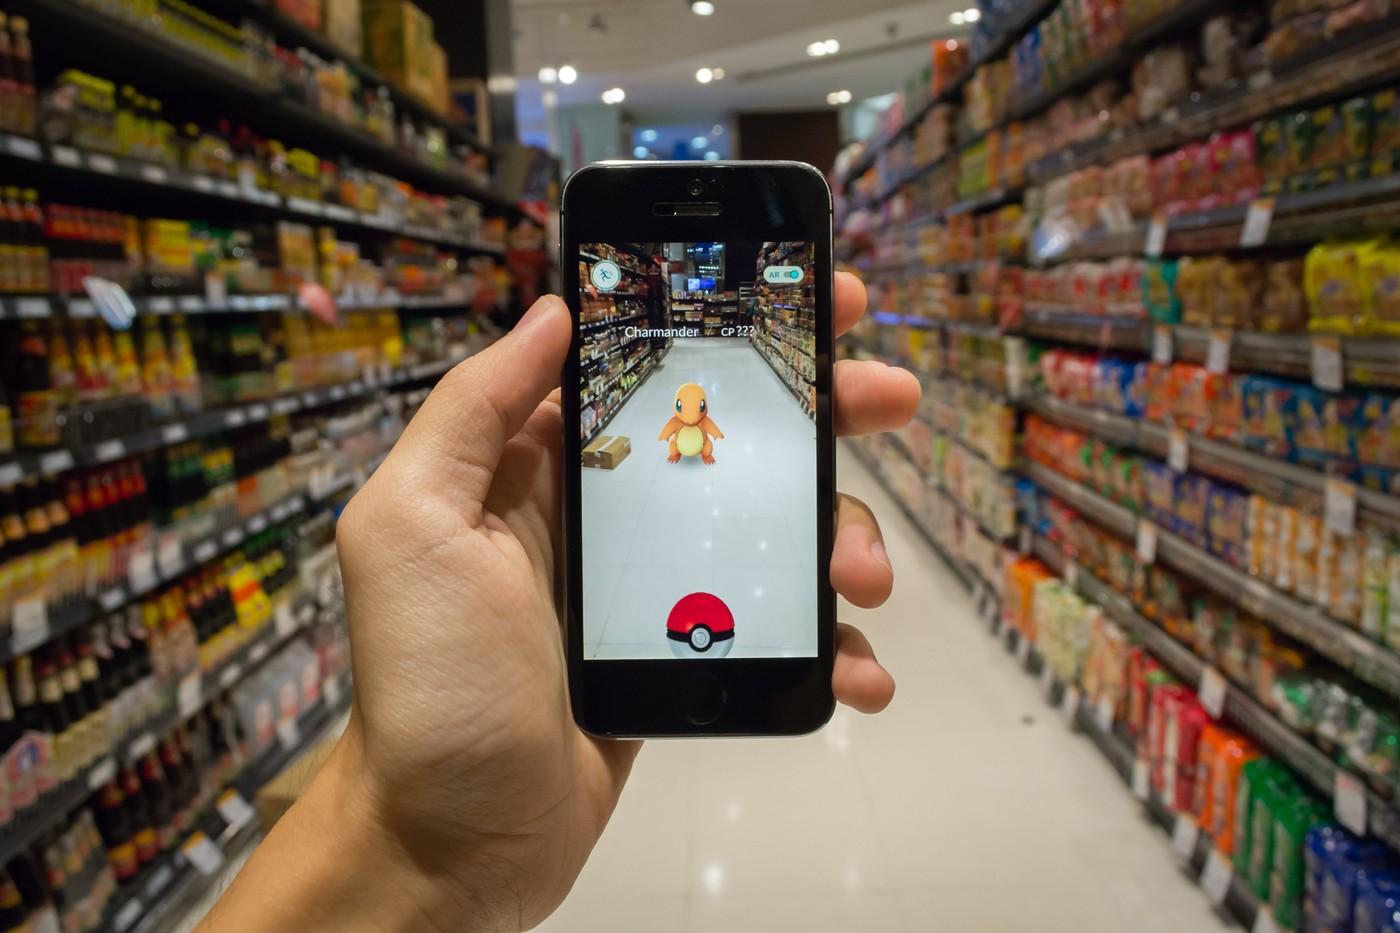 爆紅經濟:《Pokémon GO》沒告訴你的秘密